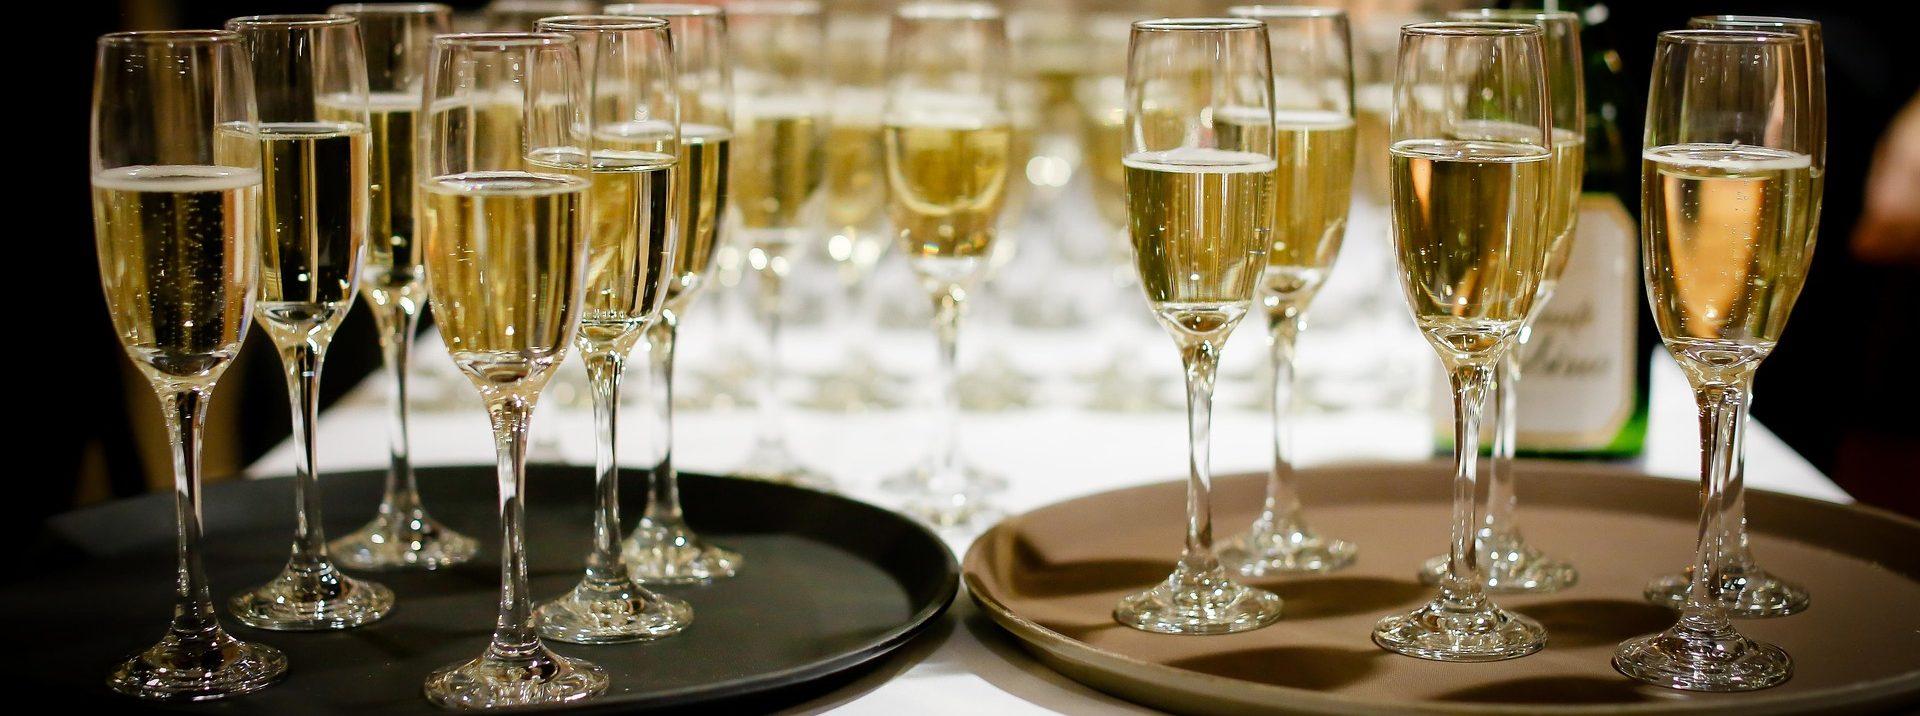 Upplev dryck – En portal om vin, öl, whisky och annat gott